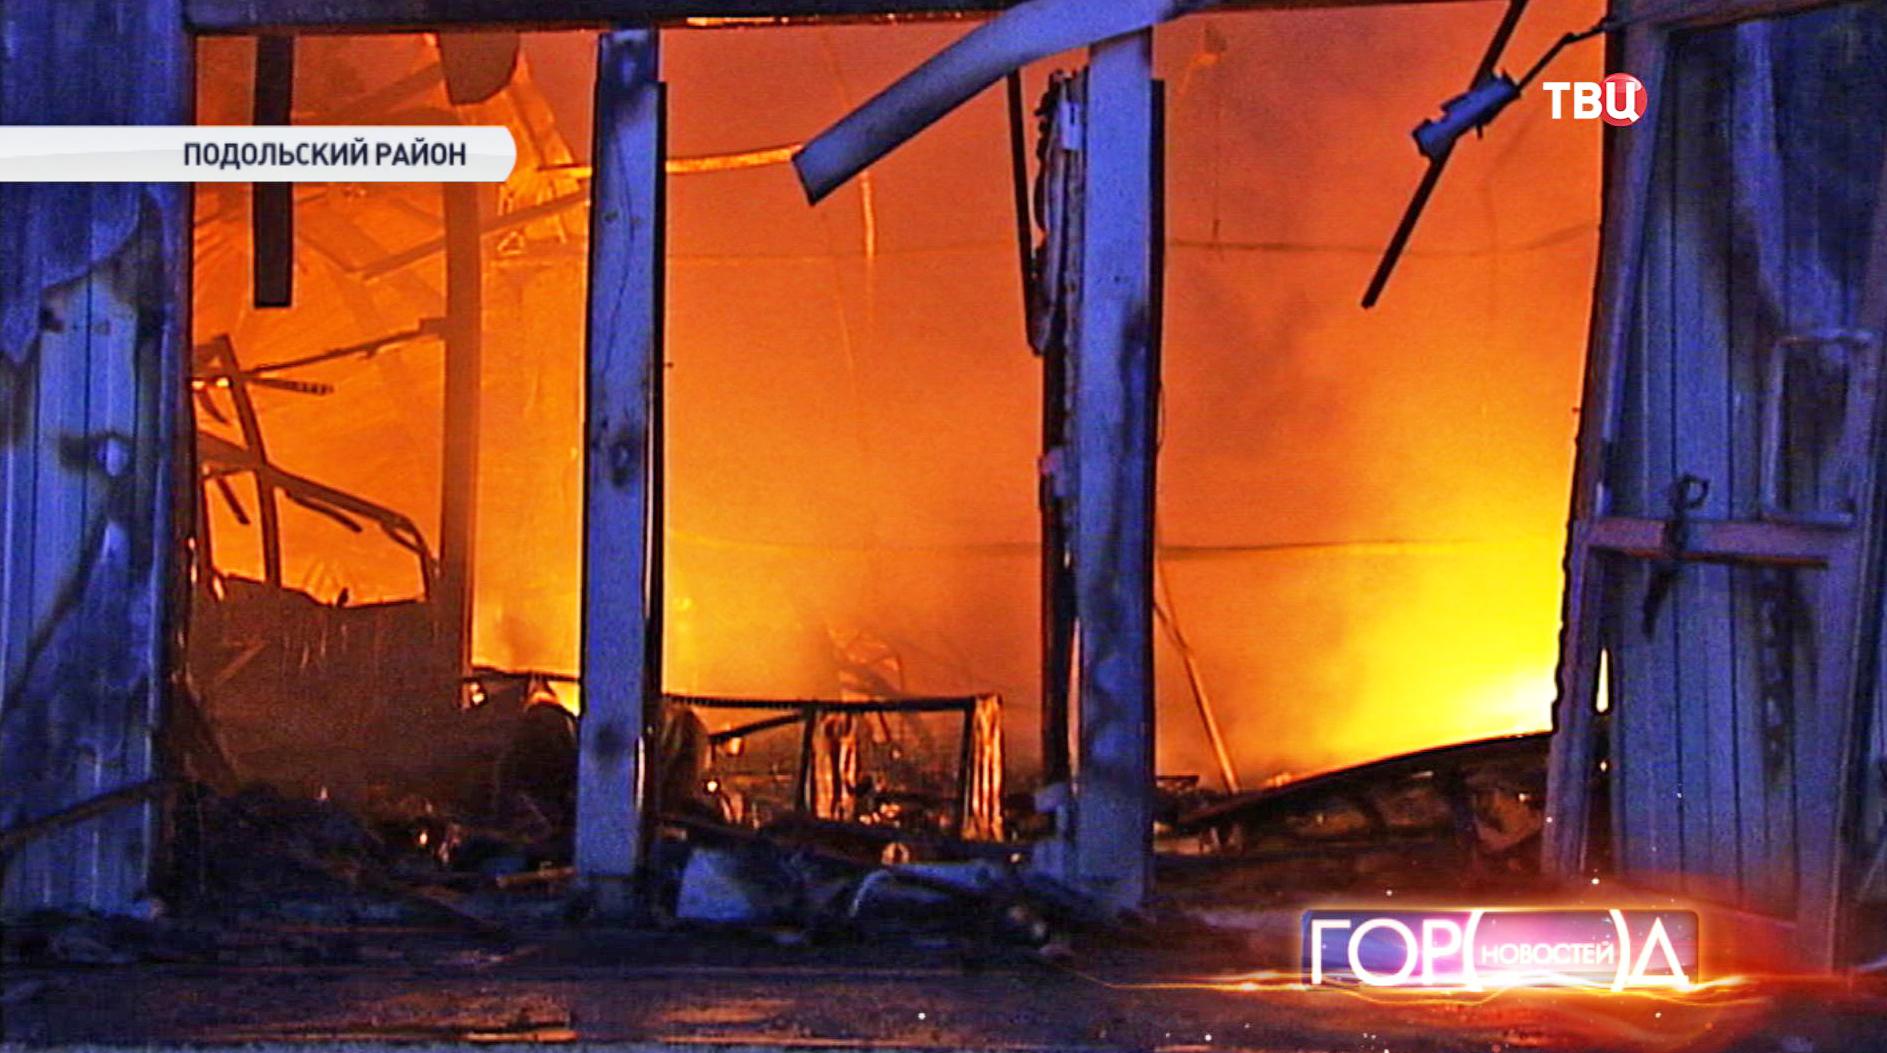 Пожар на автомобильном рынке в Подольске